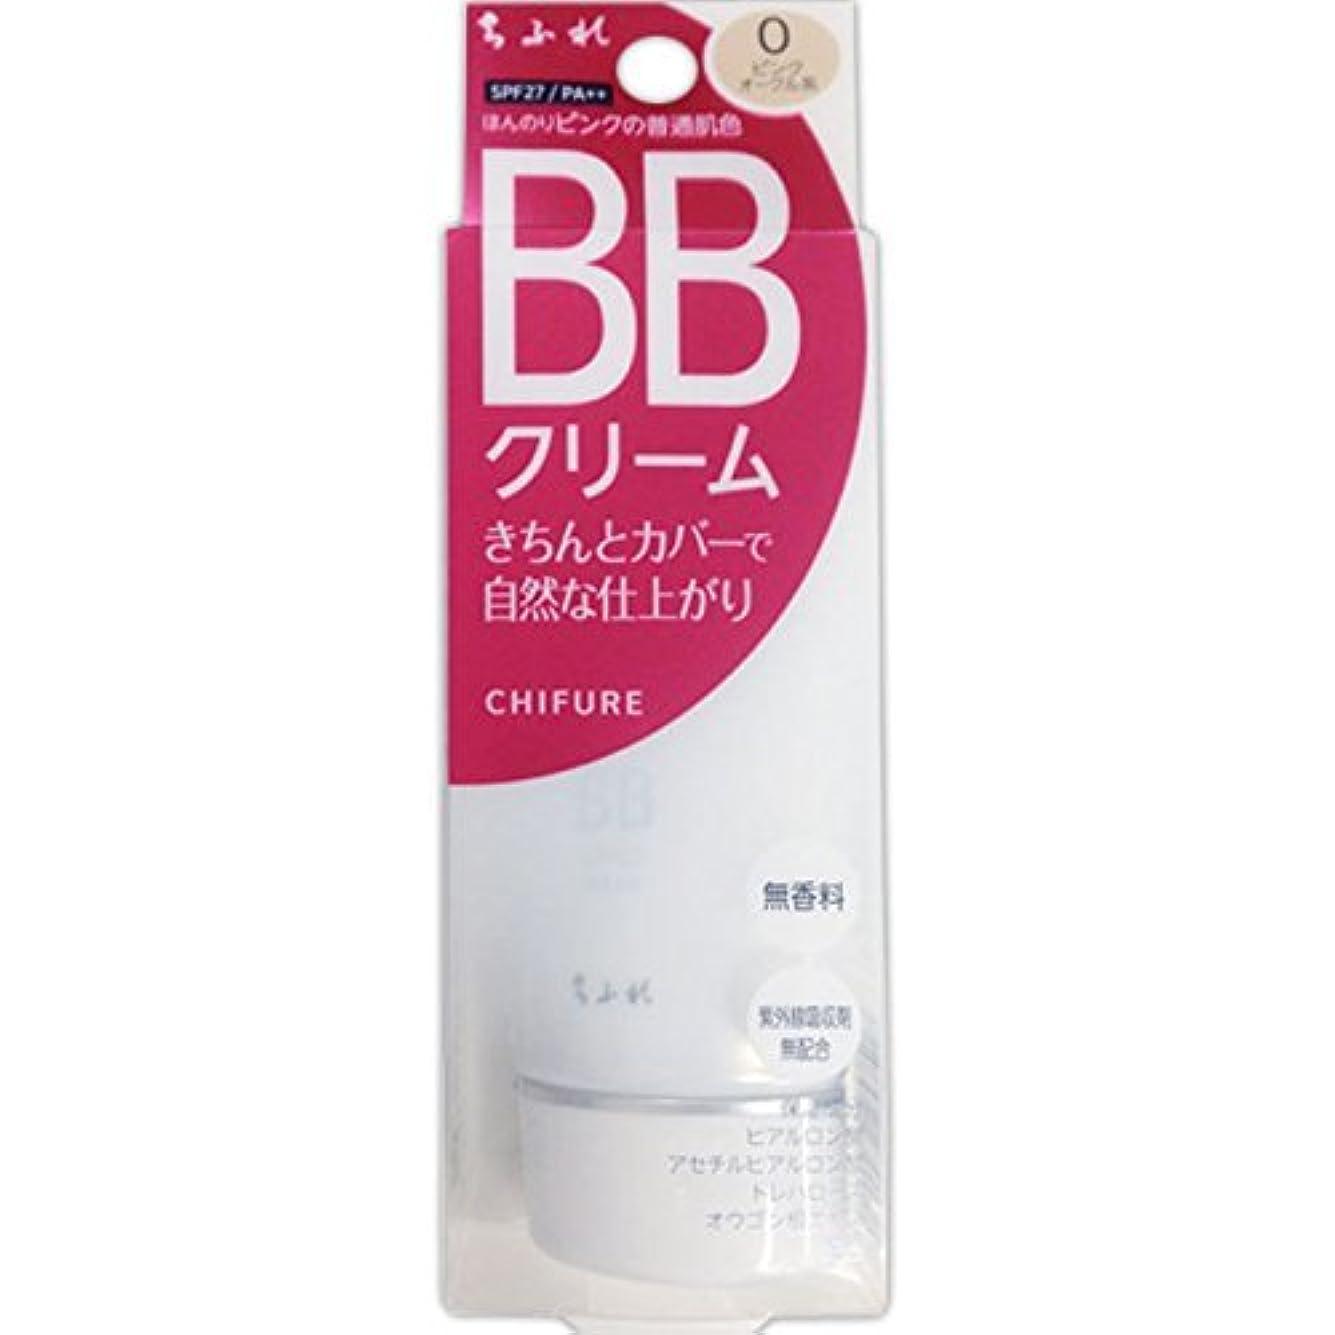 合併調停するムスちふれ化粧品 BB クリーム ほんのりピンクの普通肌色 0